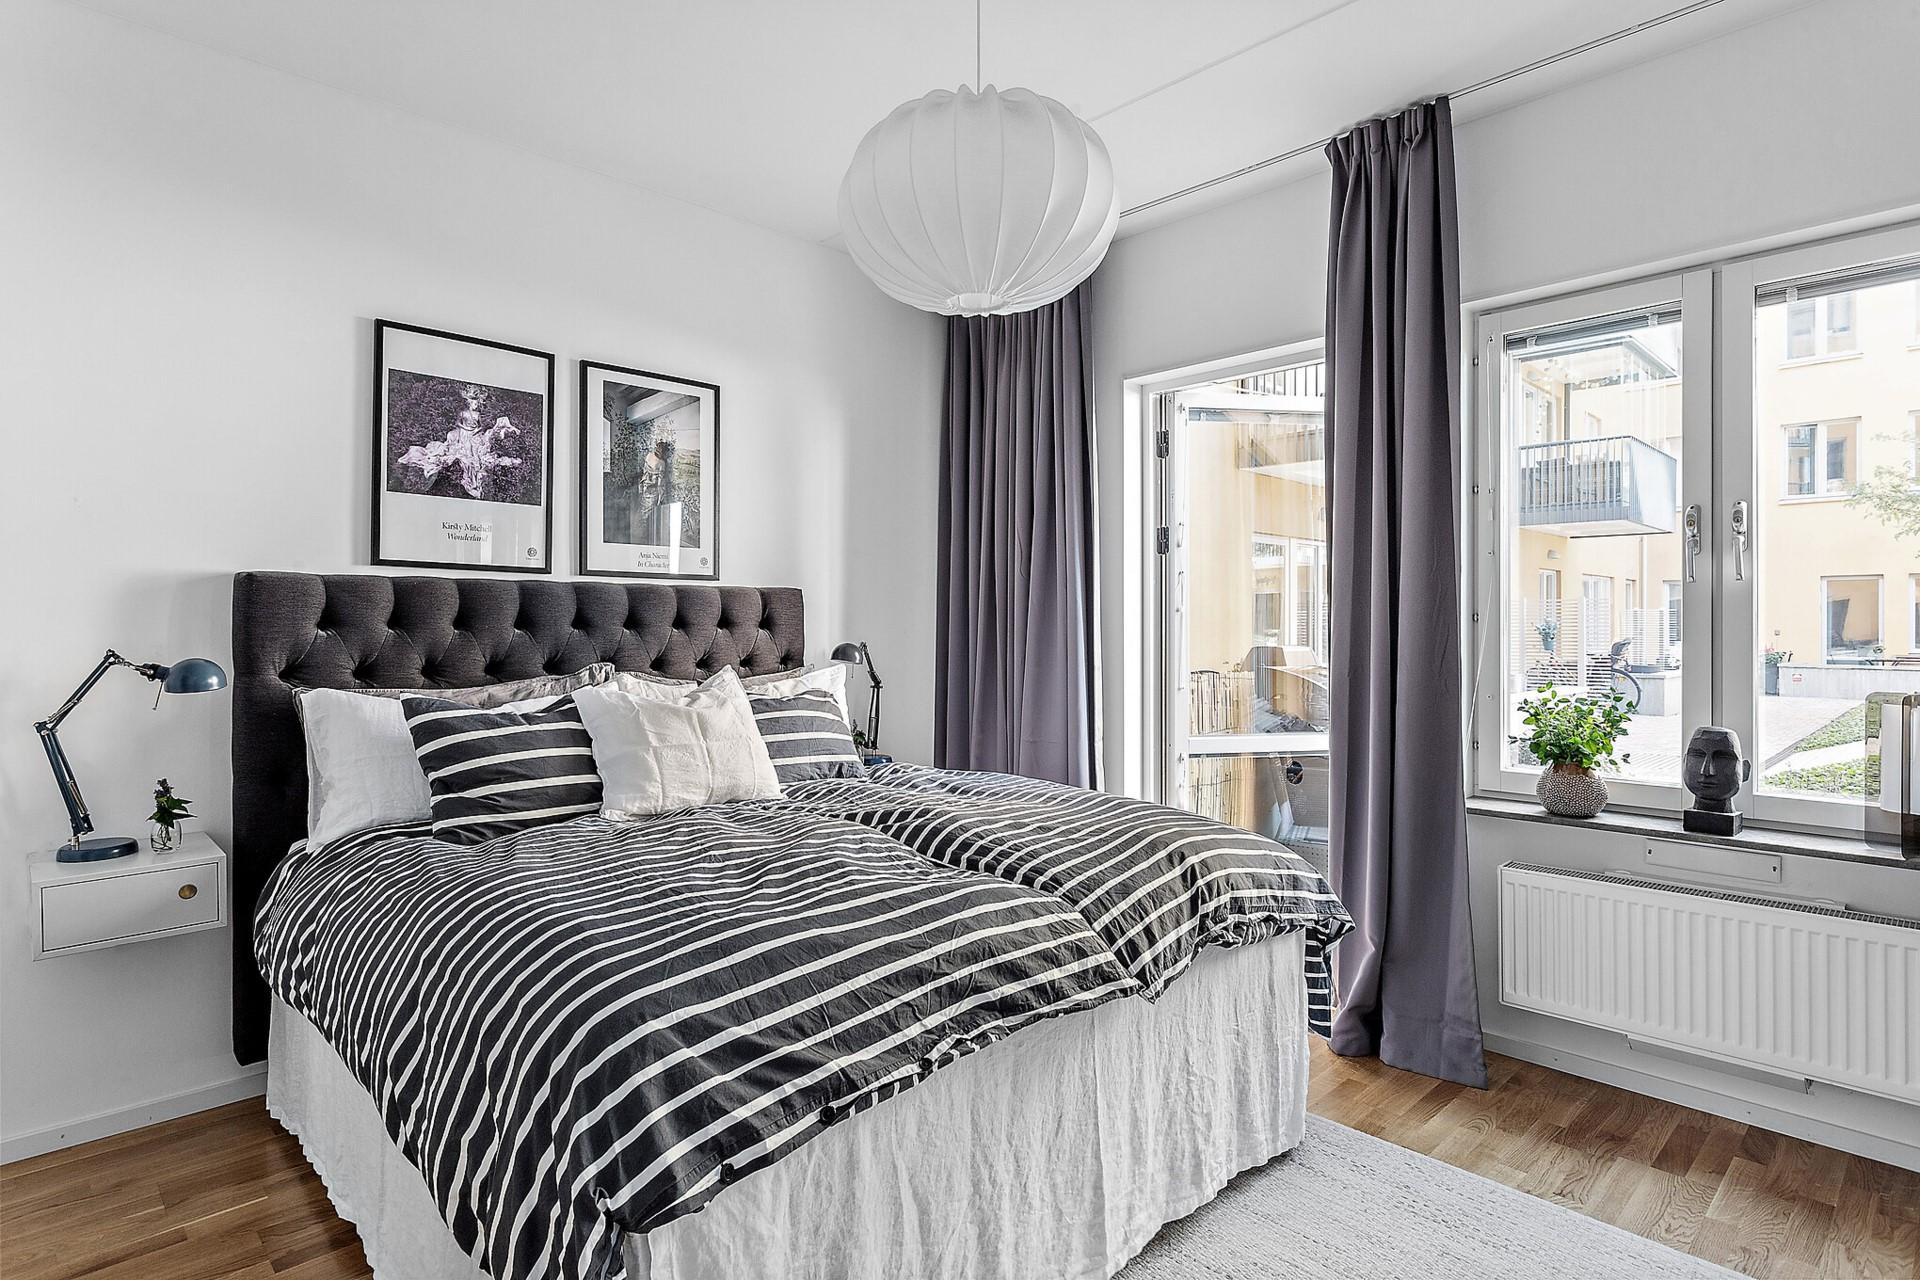 Ekfatsgatan 6 - Stor sovrum som ledigt rymmer en dubbelsäng och lite till.